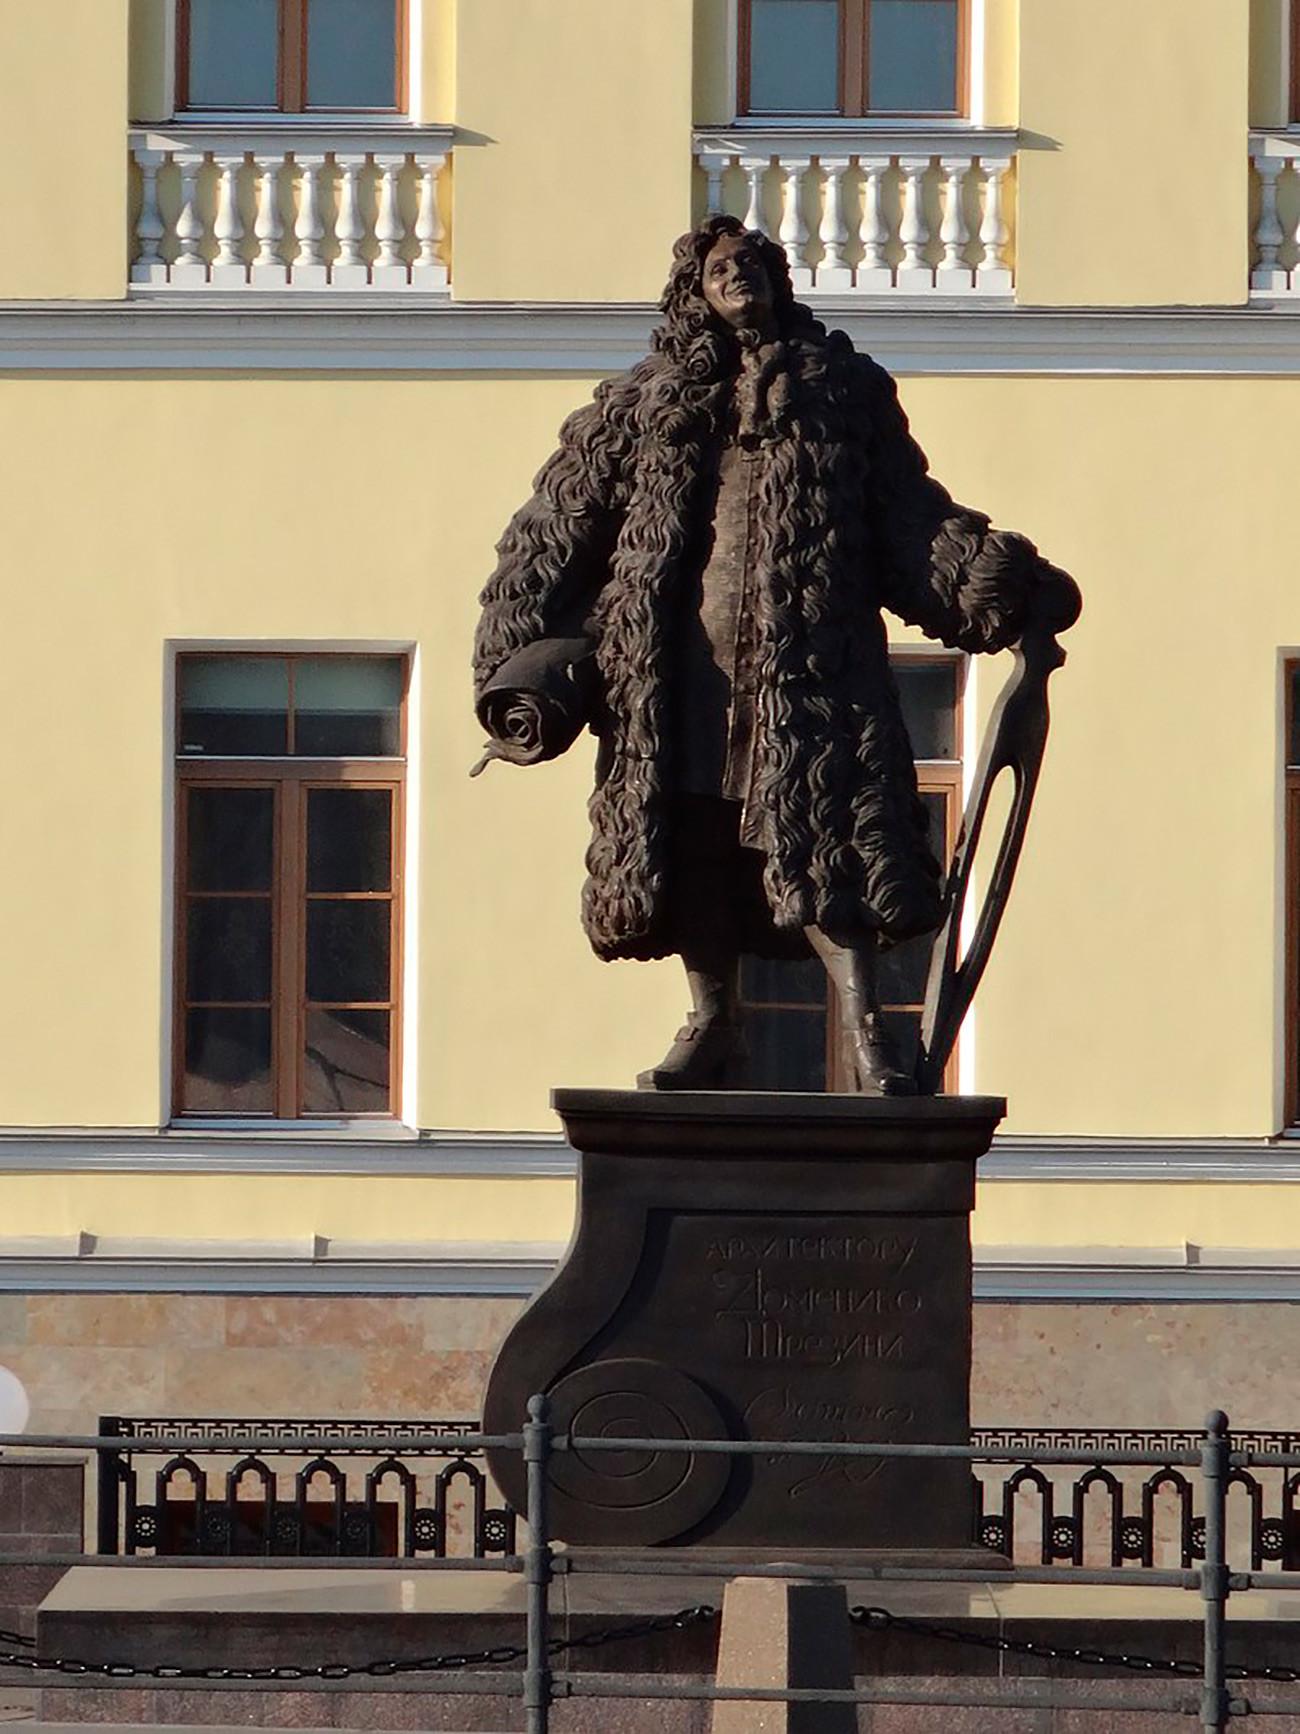 Памятник Доменико Трезини в Петербурге у дома, в котором жил архитектор. Скульптор П. Игнатьев, архитектор П. Богрянцев